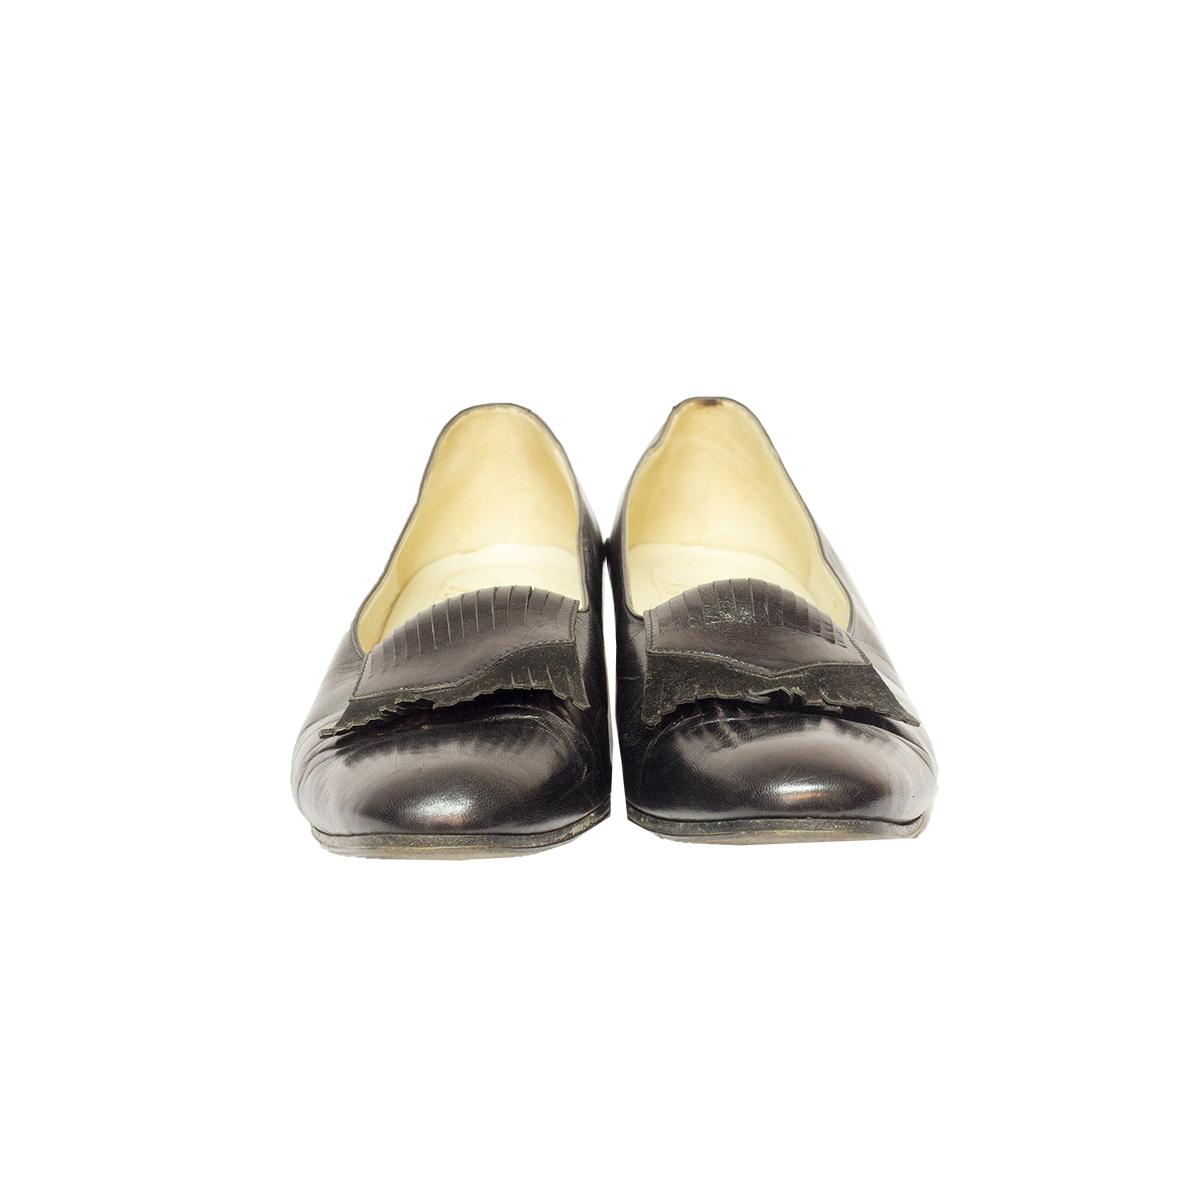 italialaiset kengät